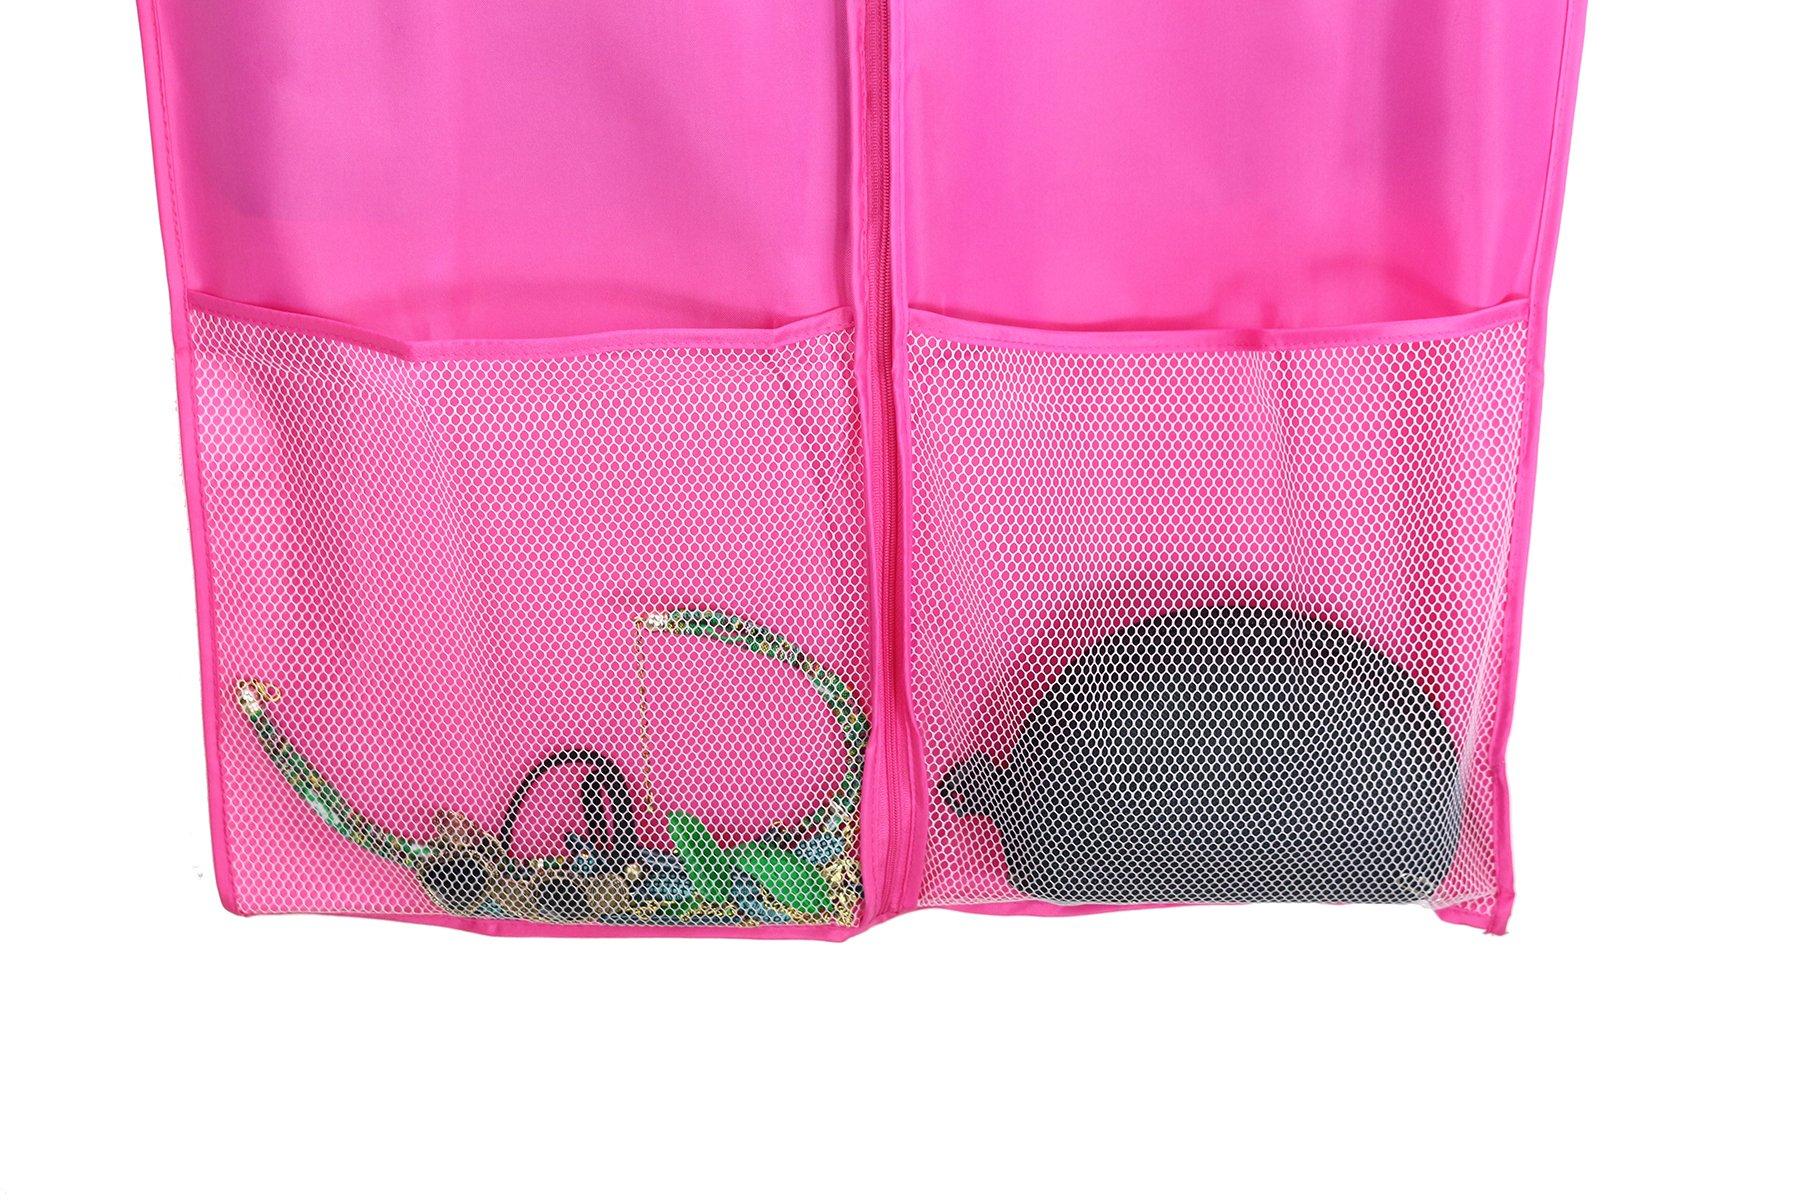 Kernorv Garment Bags for Dance Costumes, Set of 5 Breathable Dust-proof Garment Bags 51'' Dance Garment Bags with Clear Window for Dance Costumes, Dress, Jacket, Storage or Travel (Pink) by Kernorv (Image #6)